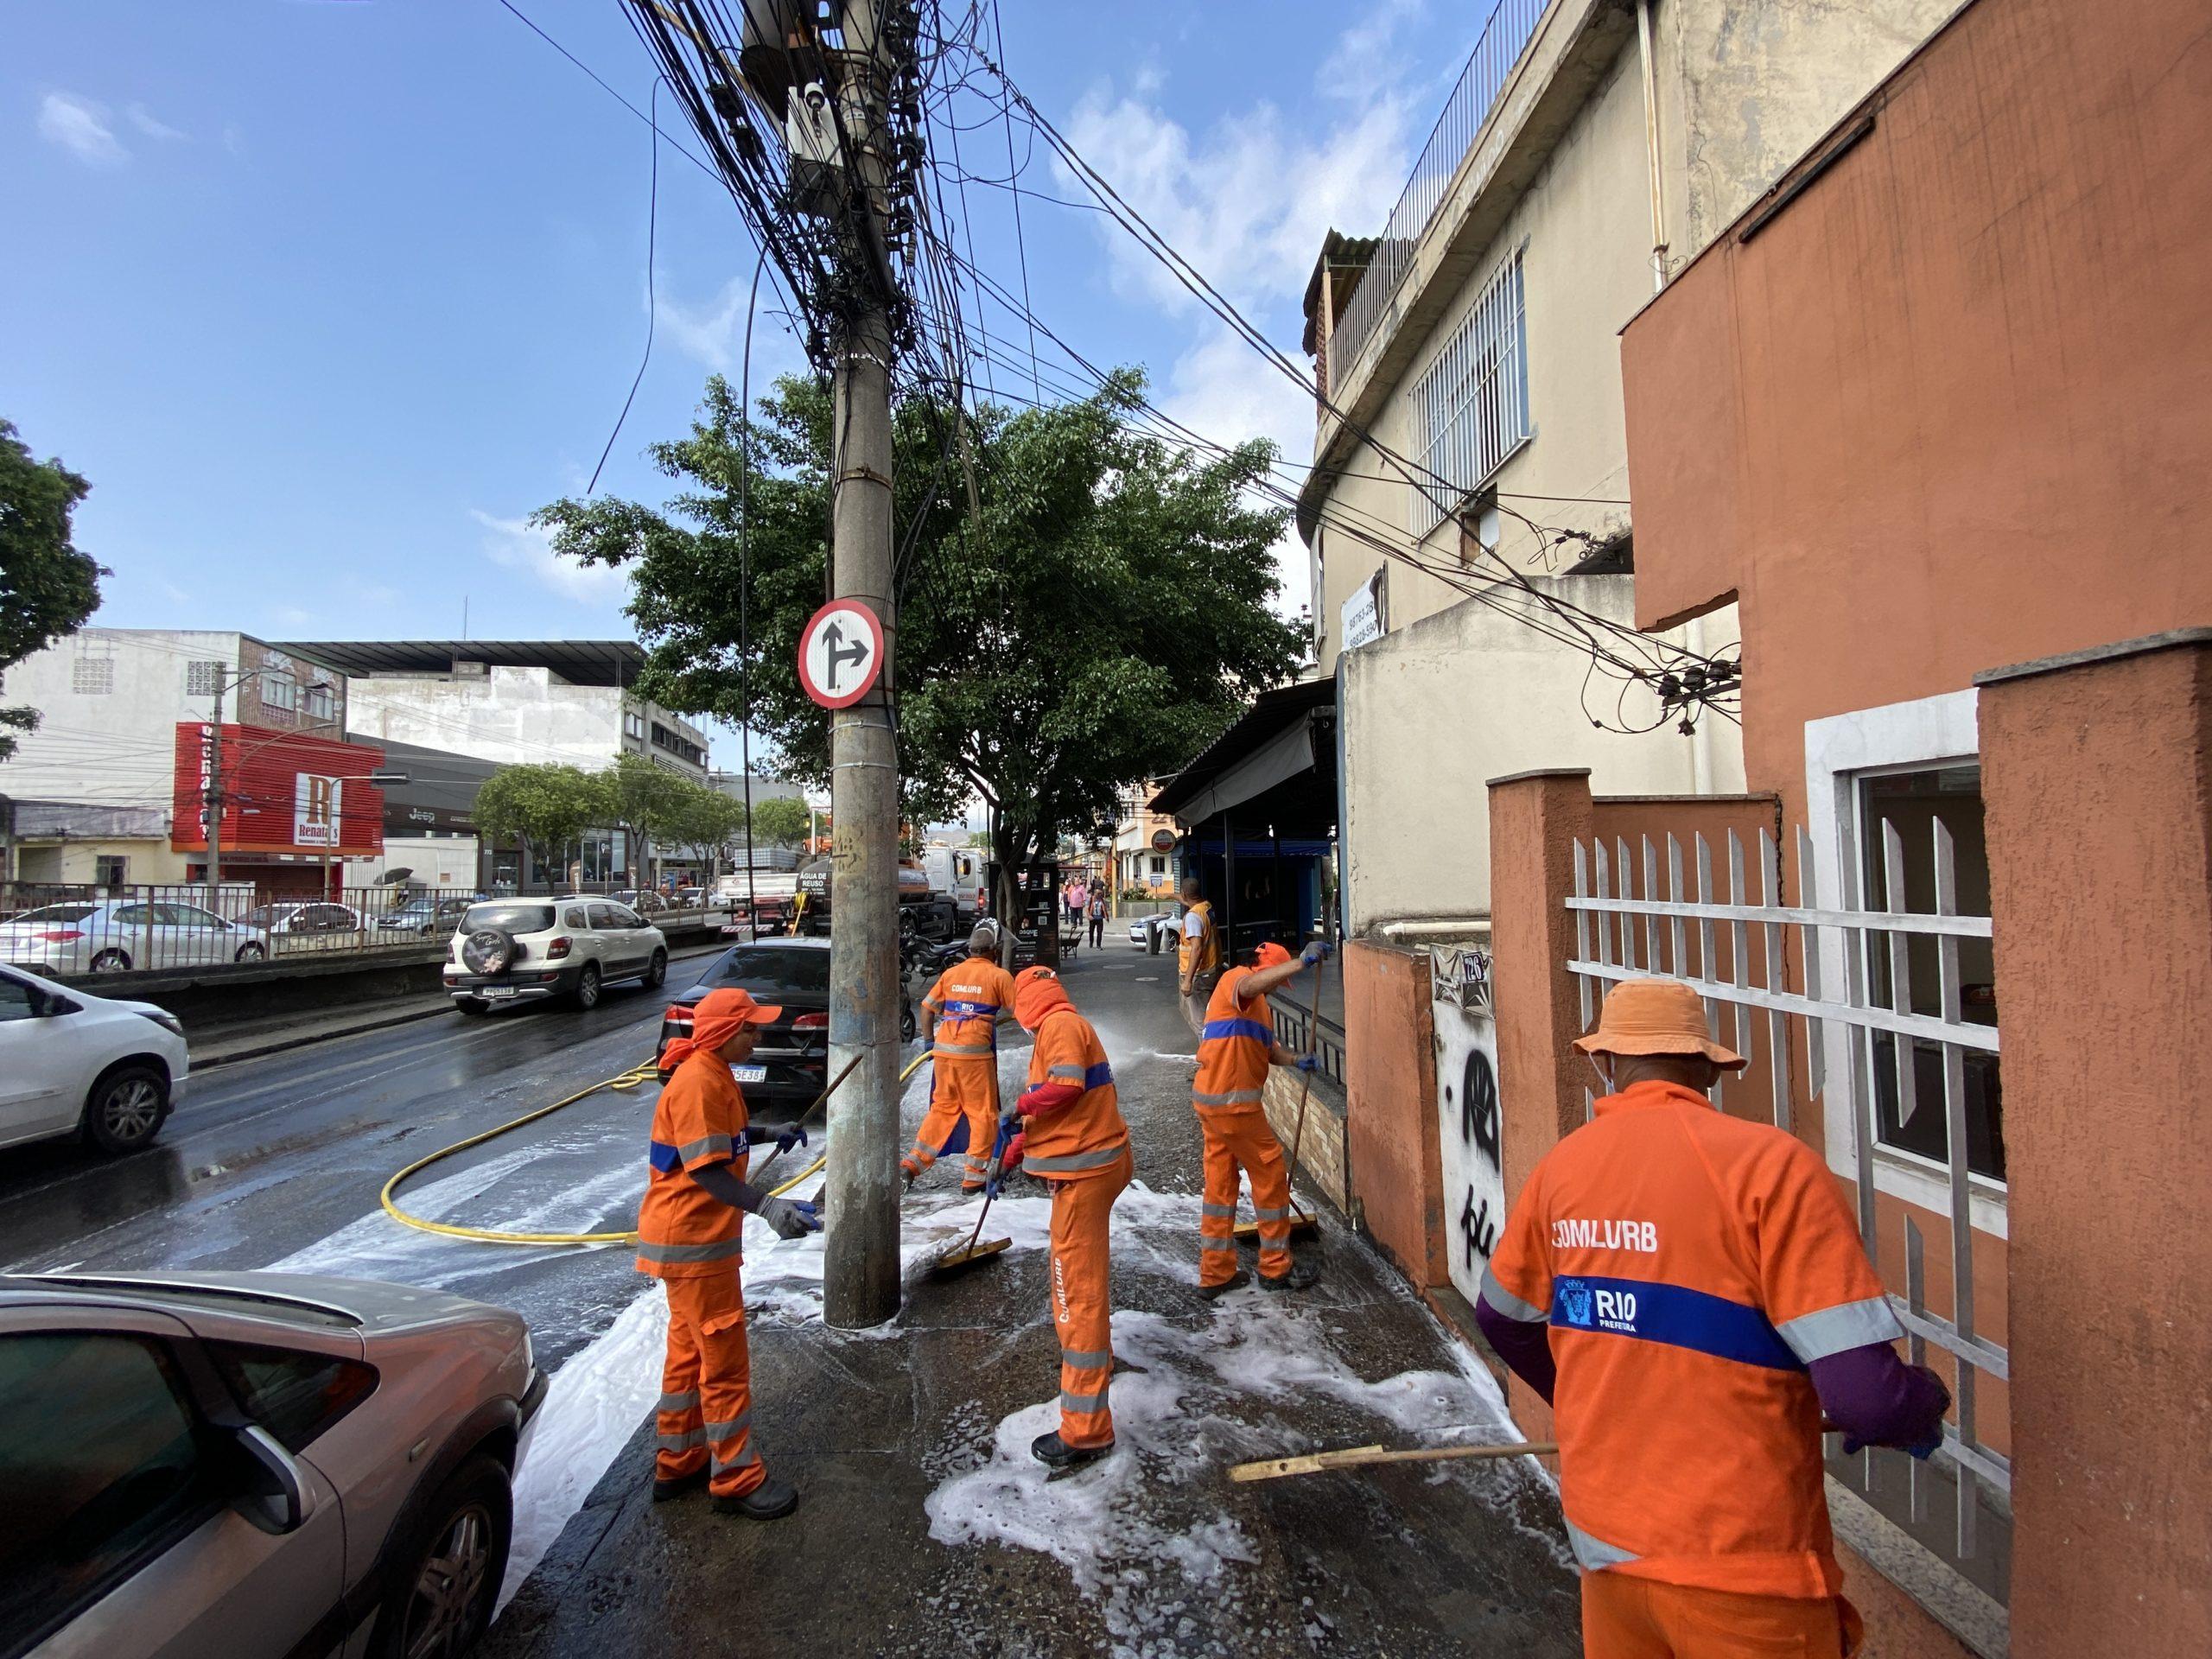 Comlurb realiza ação na Zona Norte do Rio